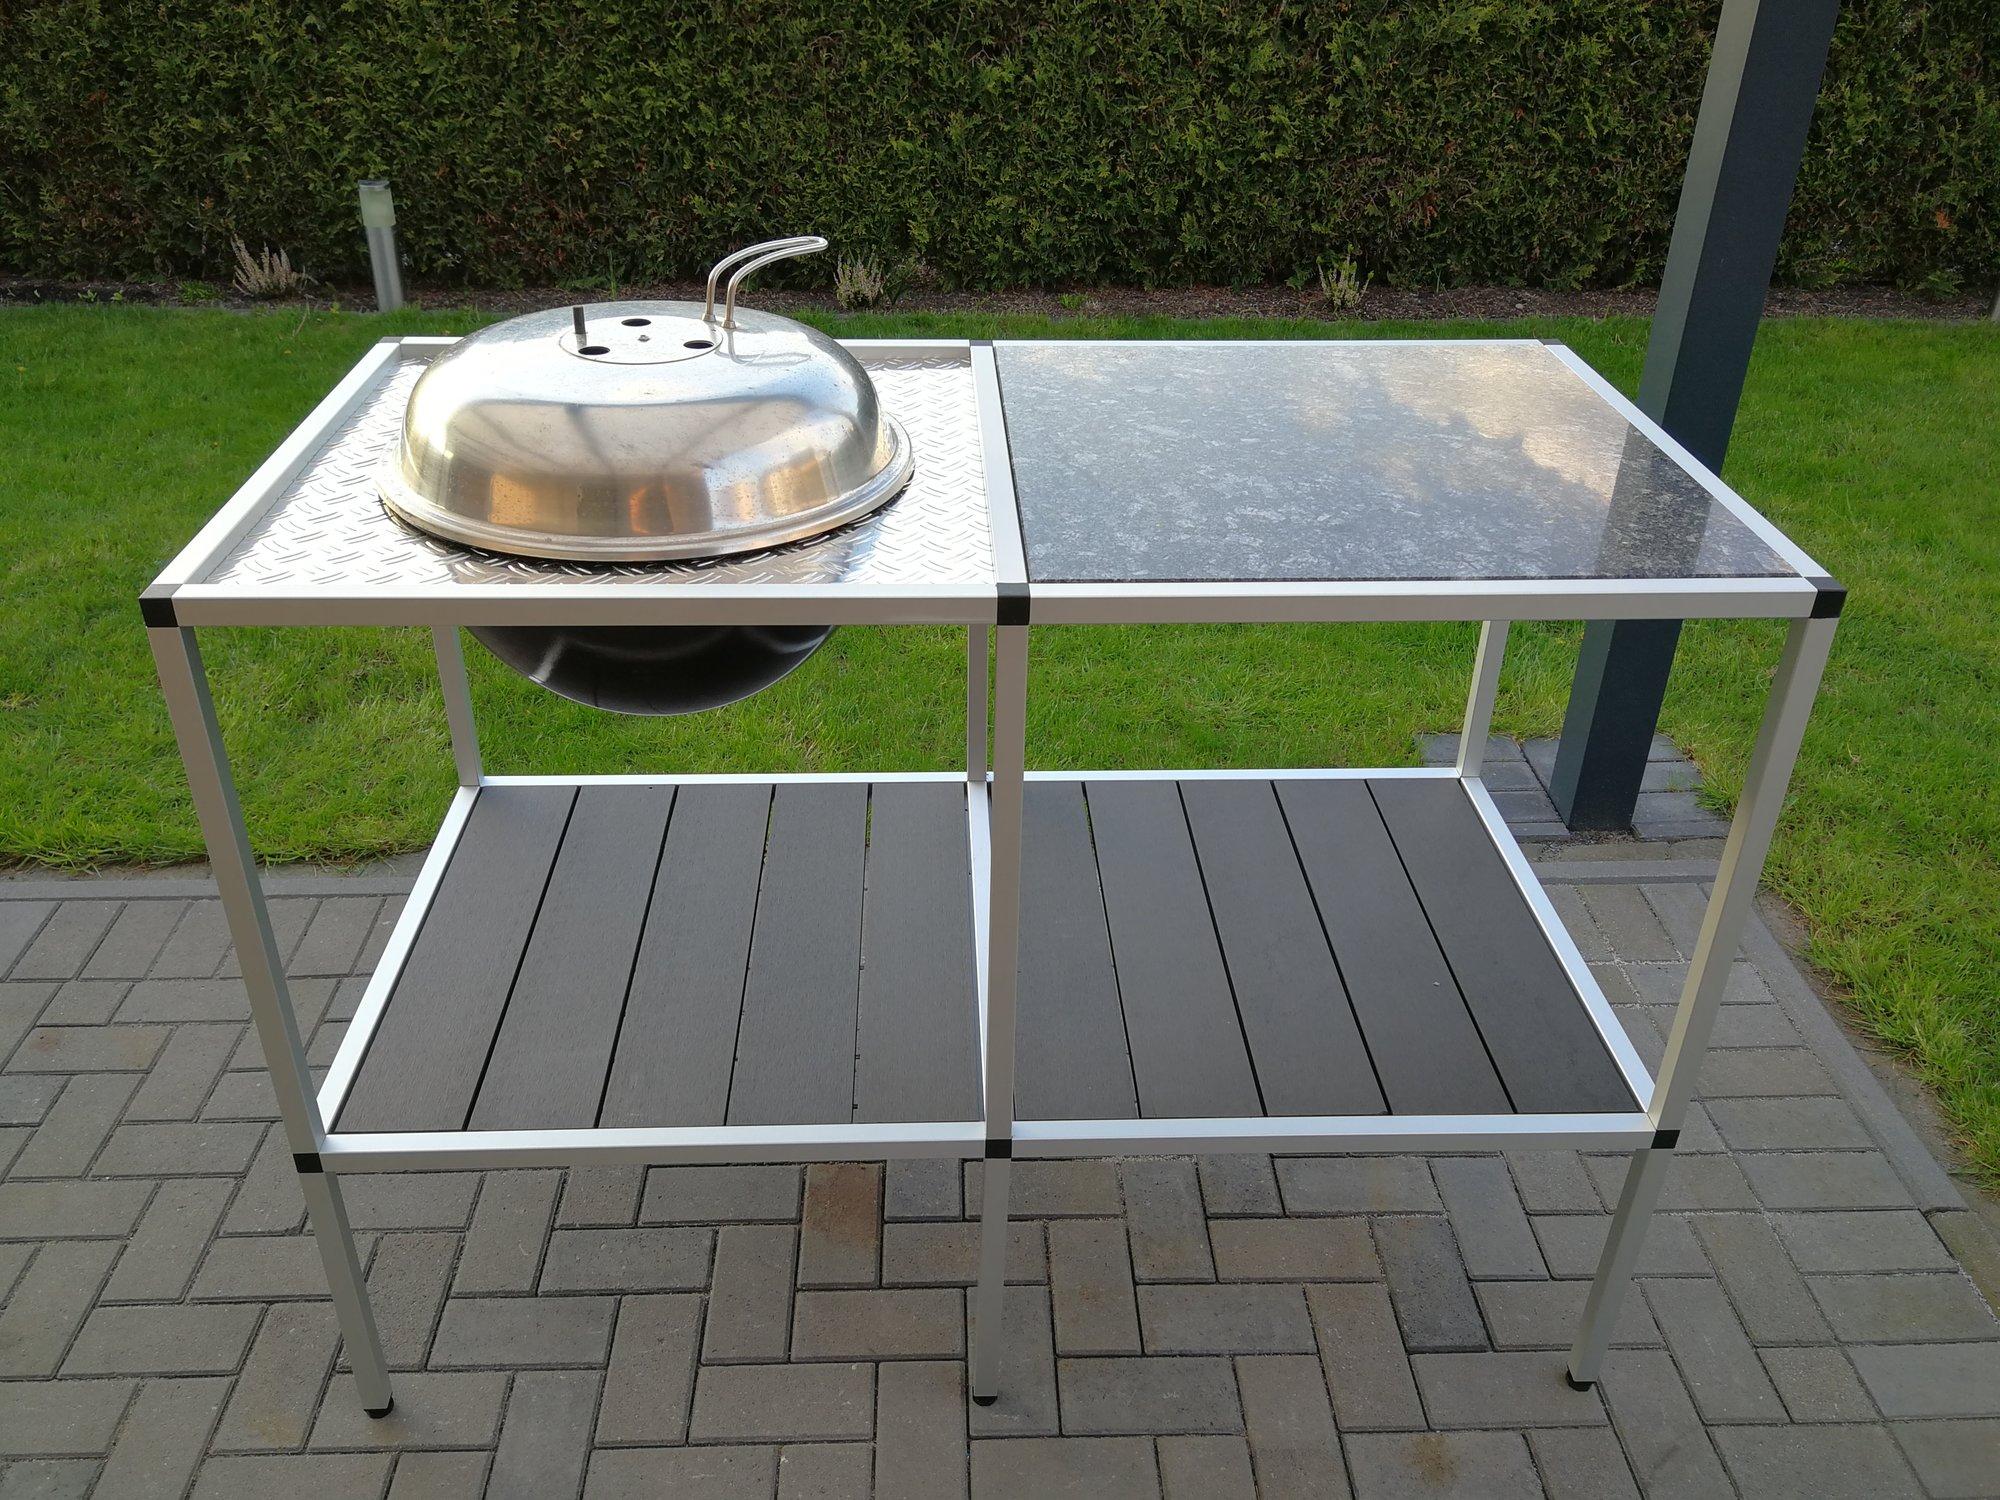 Outdoor Küche Dancook : Outdoorküche dancook mit alustecksystem grillforum und bbq